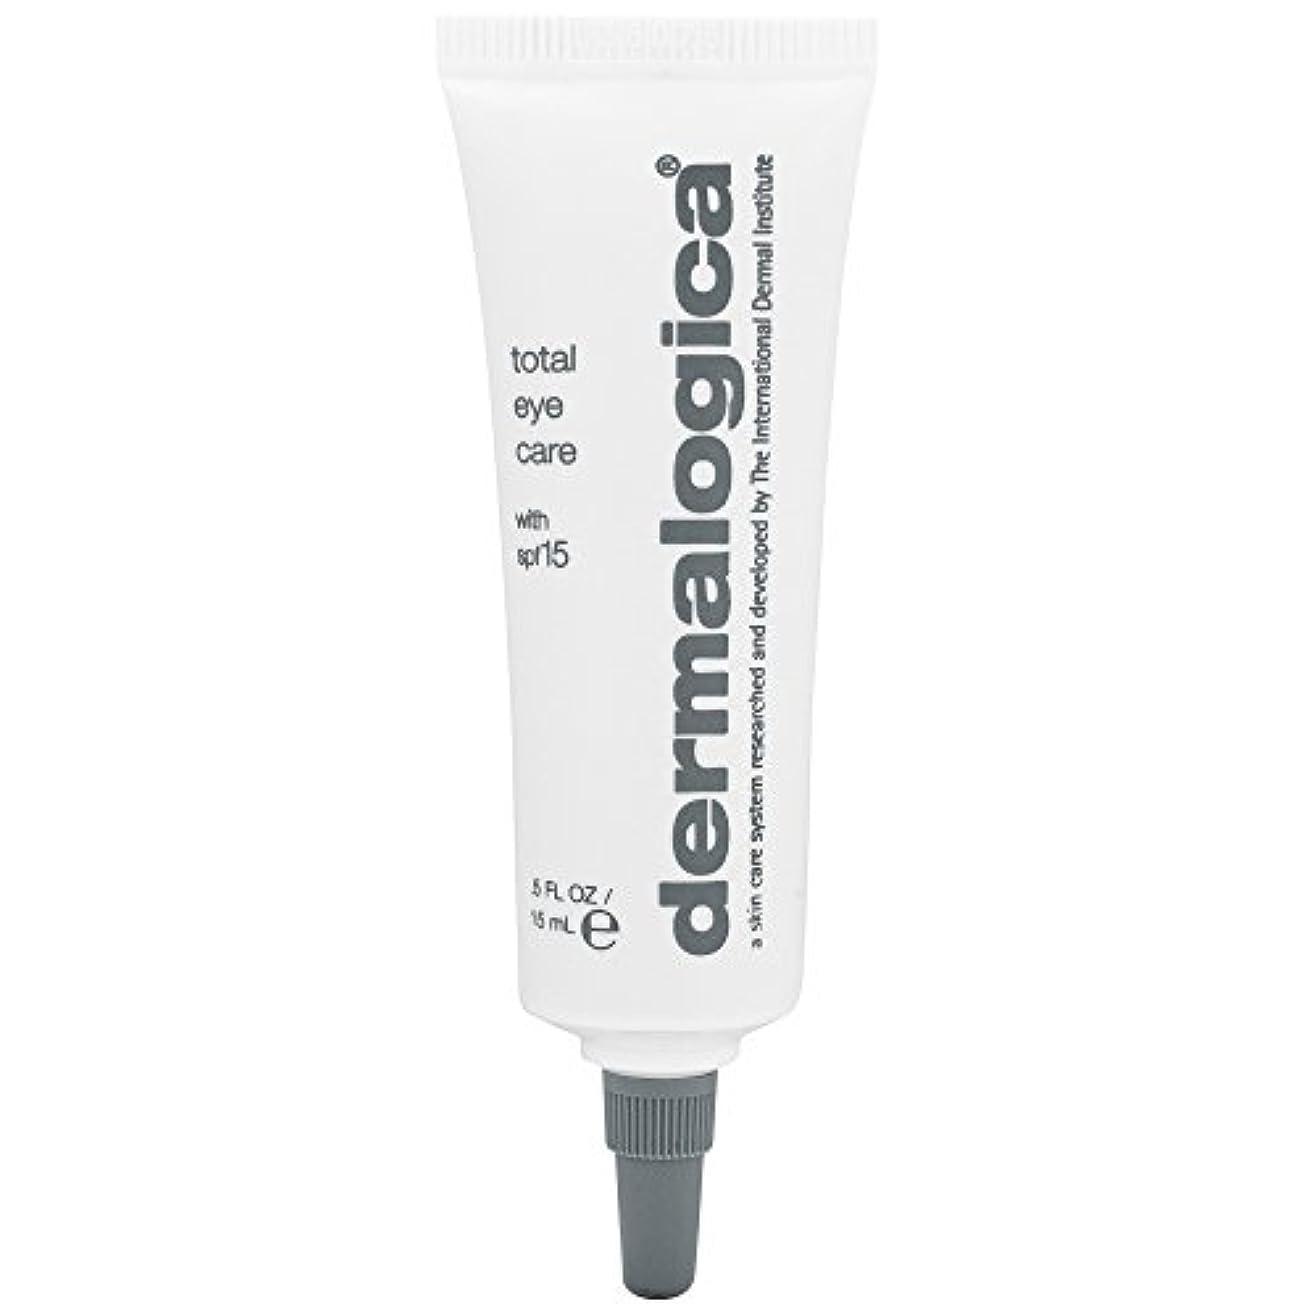 ポップうつ機械的ダーマロジカ総目のケアSpf 15 15ミリリットル (Dermalogica) - Dermalogica Total Eye Care SPF 15 15ml [並行輸入品]